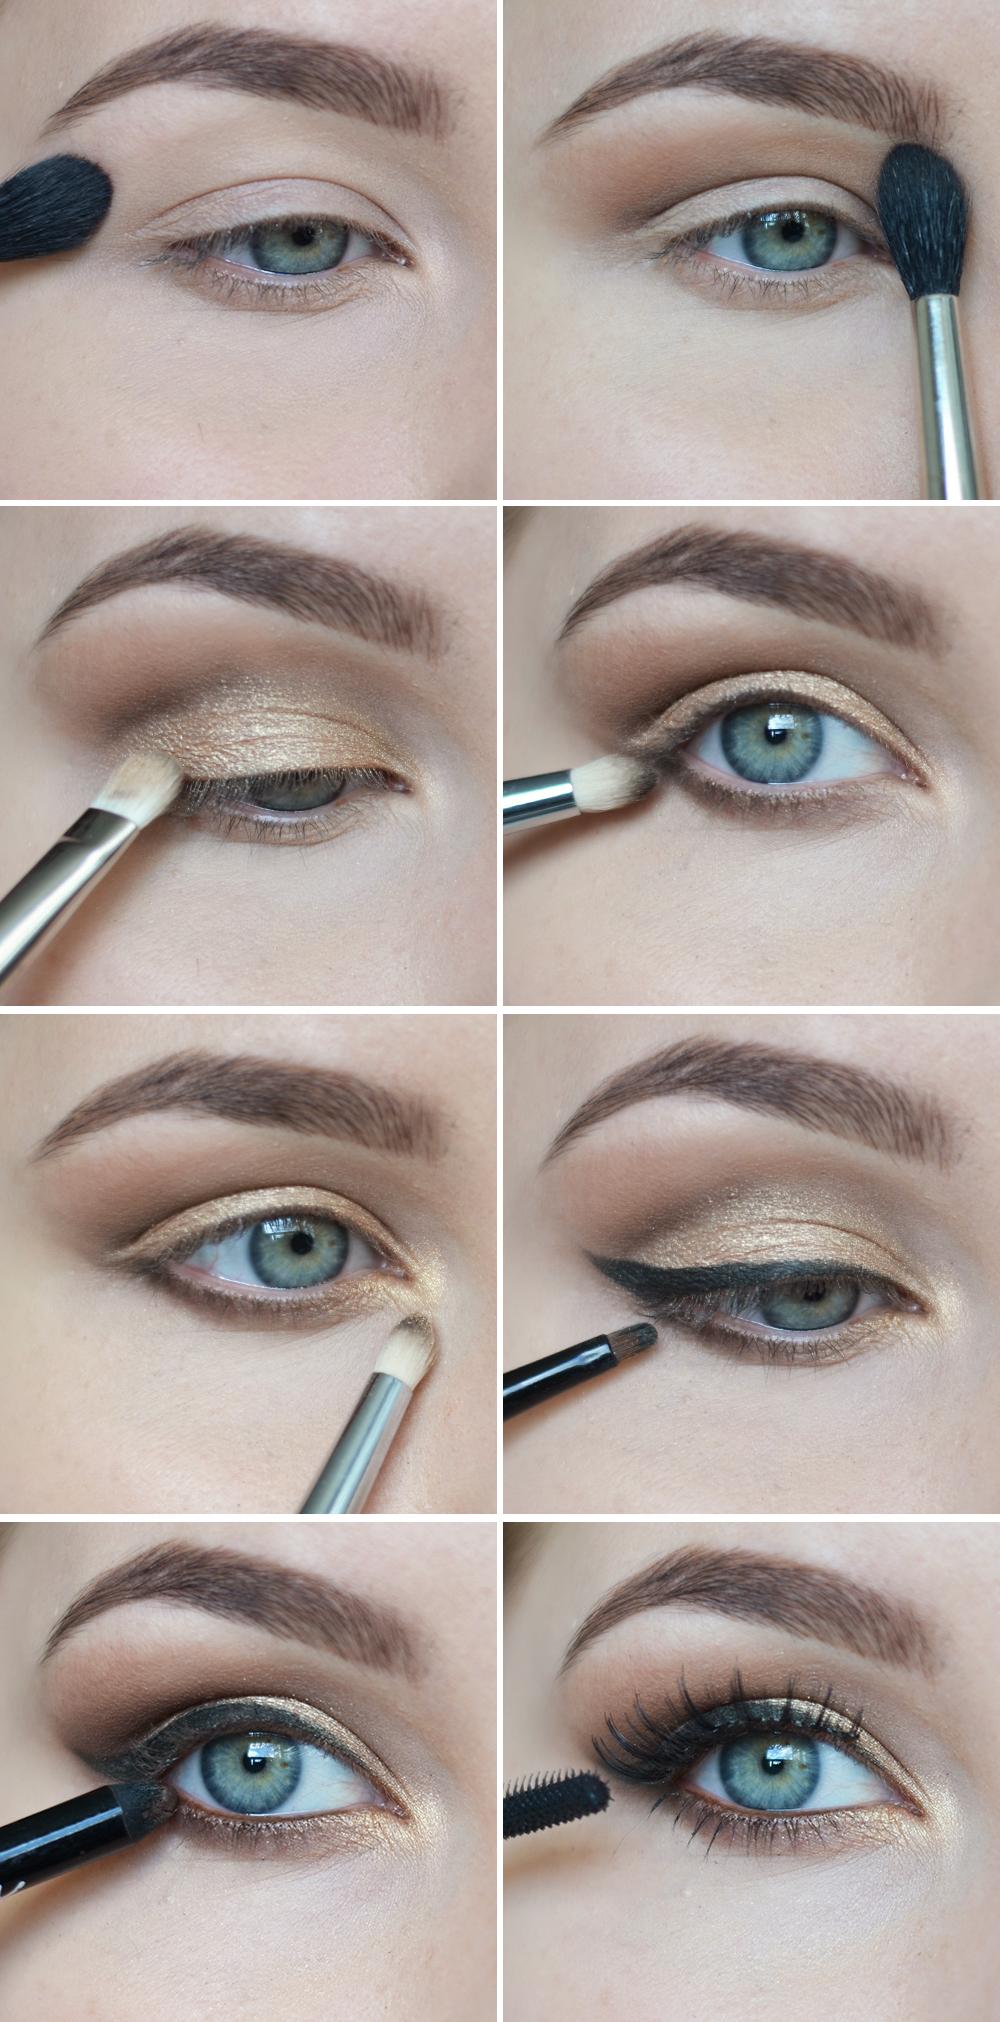 kultainen silmämeikki ohjeet